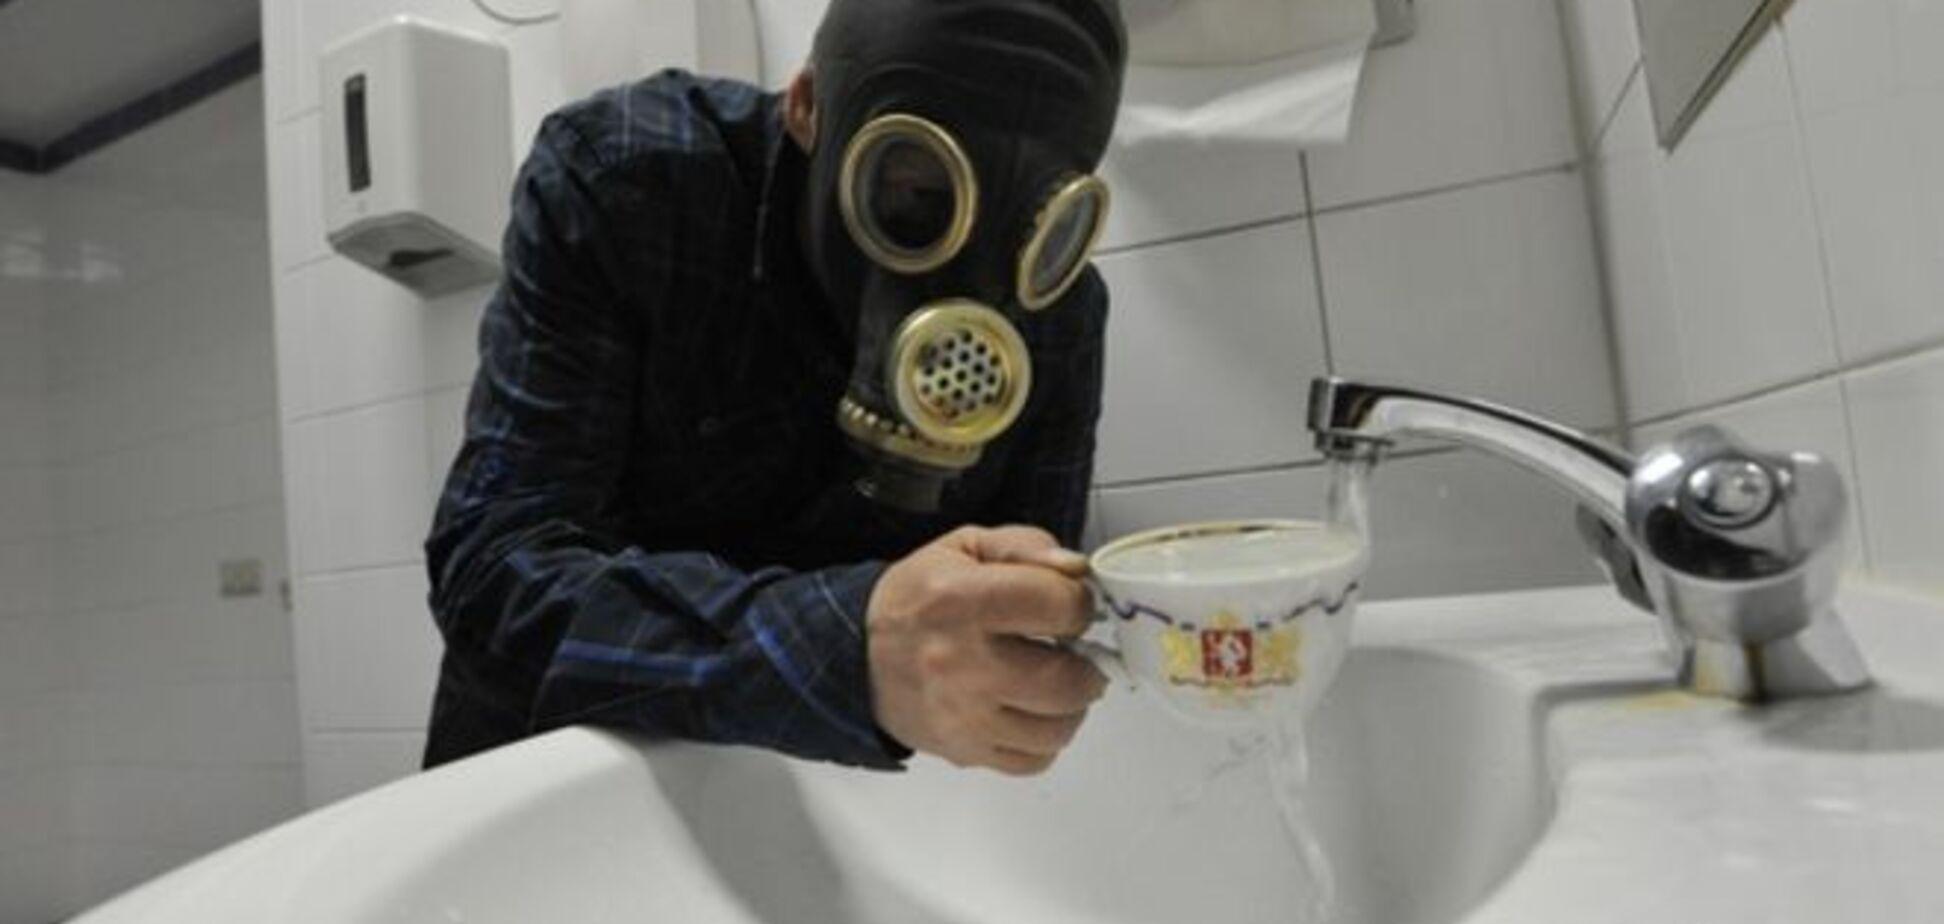 Жители Донецка в ужасе от мысли, почему из крана может идти 'гнилая' вода